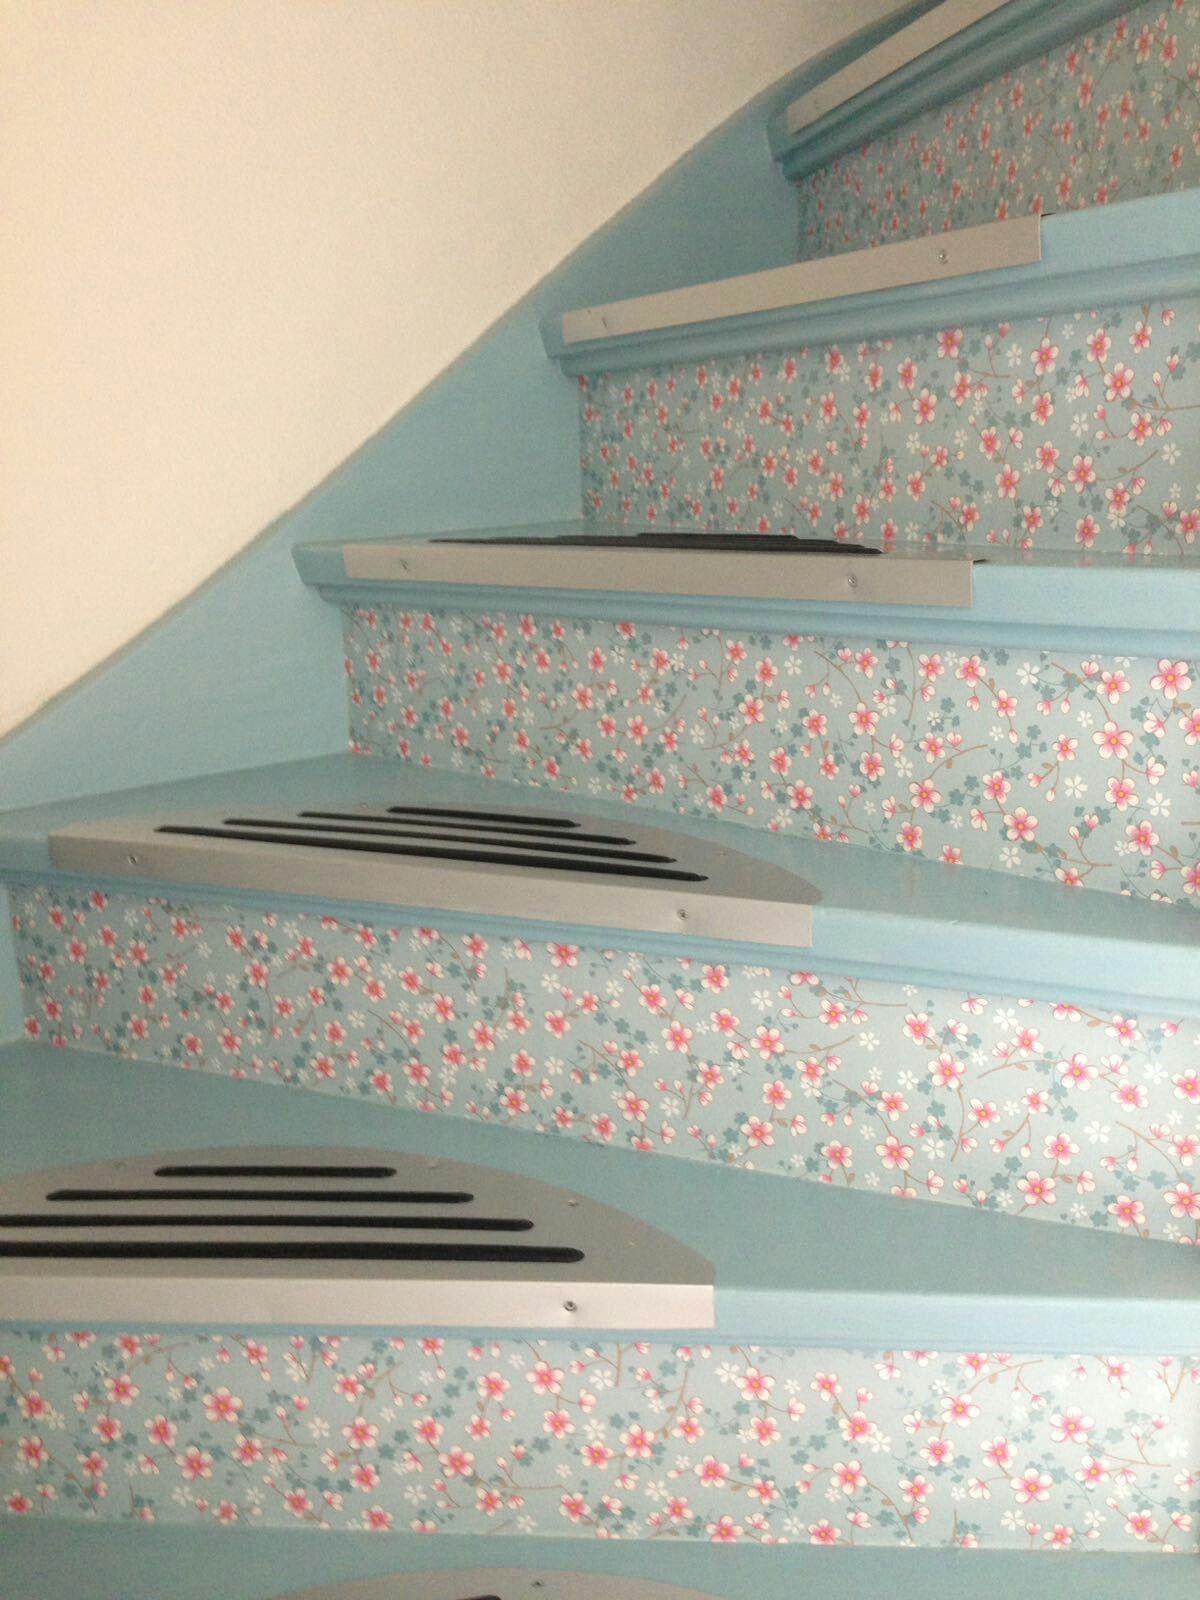 leuk idee pip behang op de stootborden van de trap resultaten